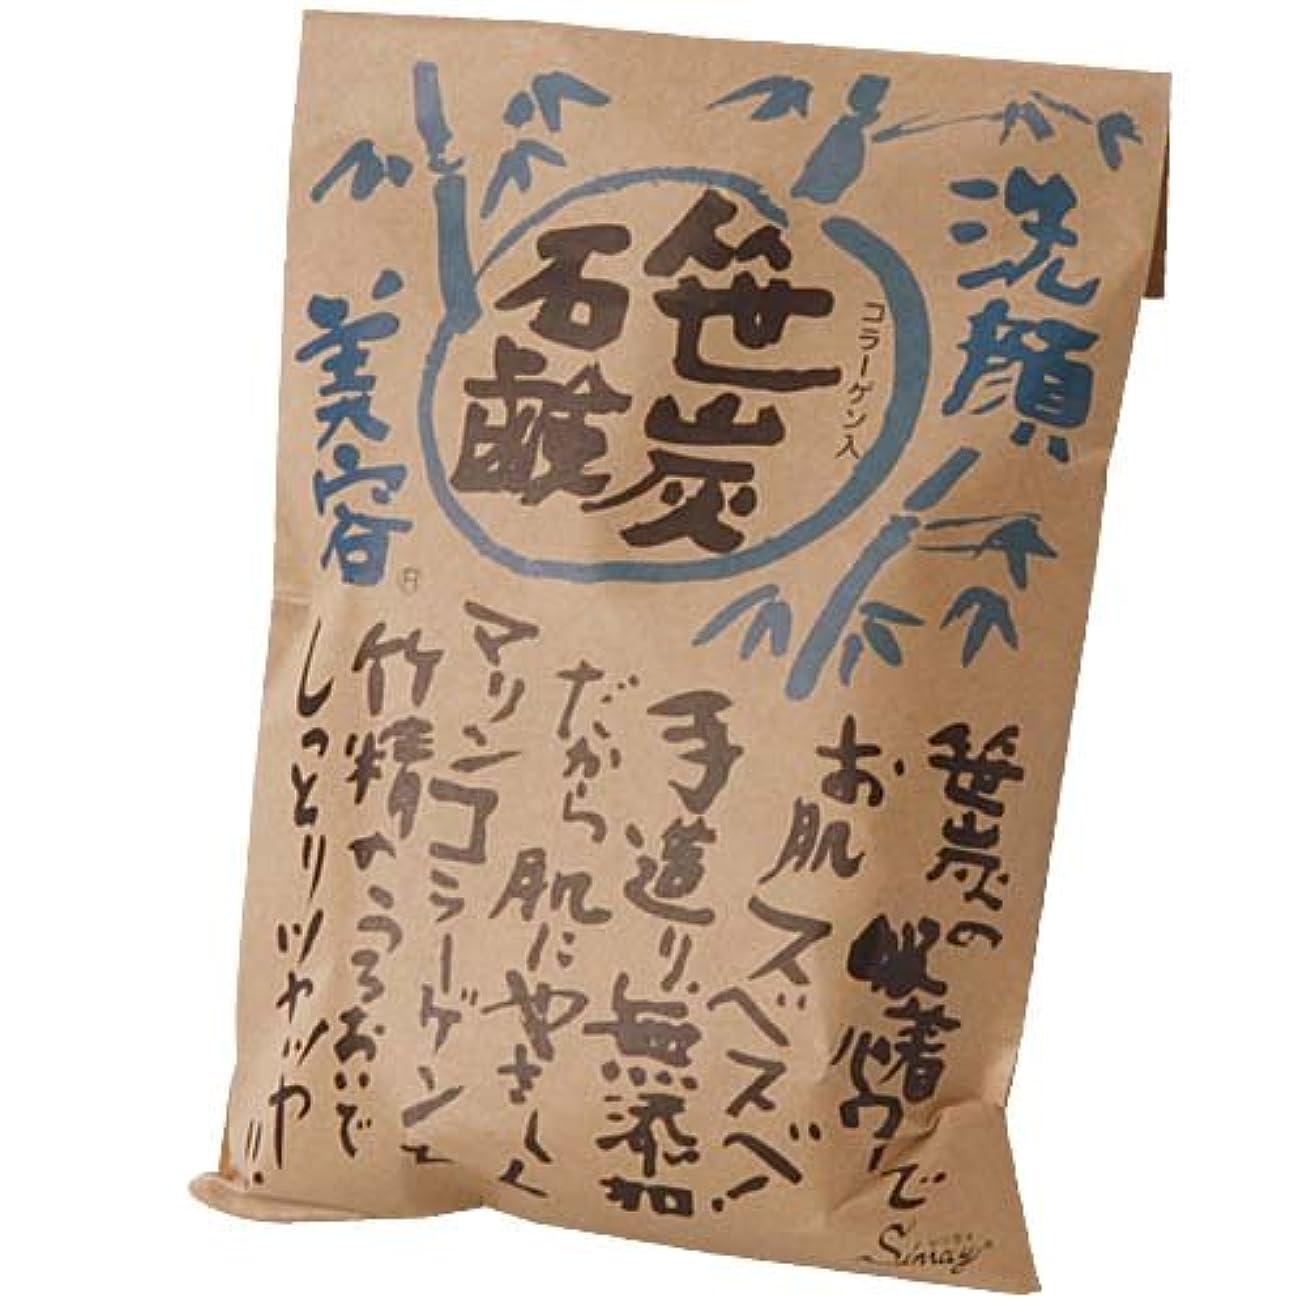 贅沢な確執デコレーション笹炭石鹸コラーゲン入り(洗顔用)100g(?????付き)